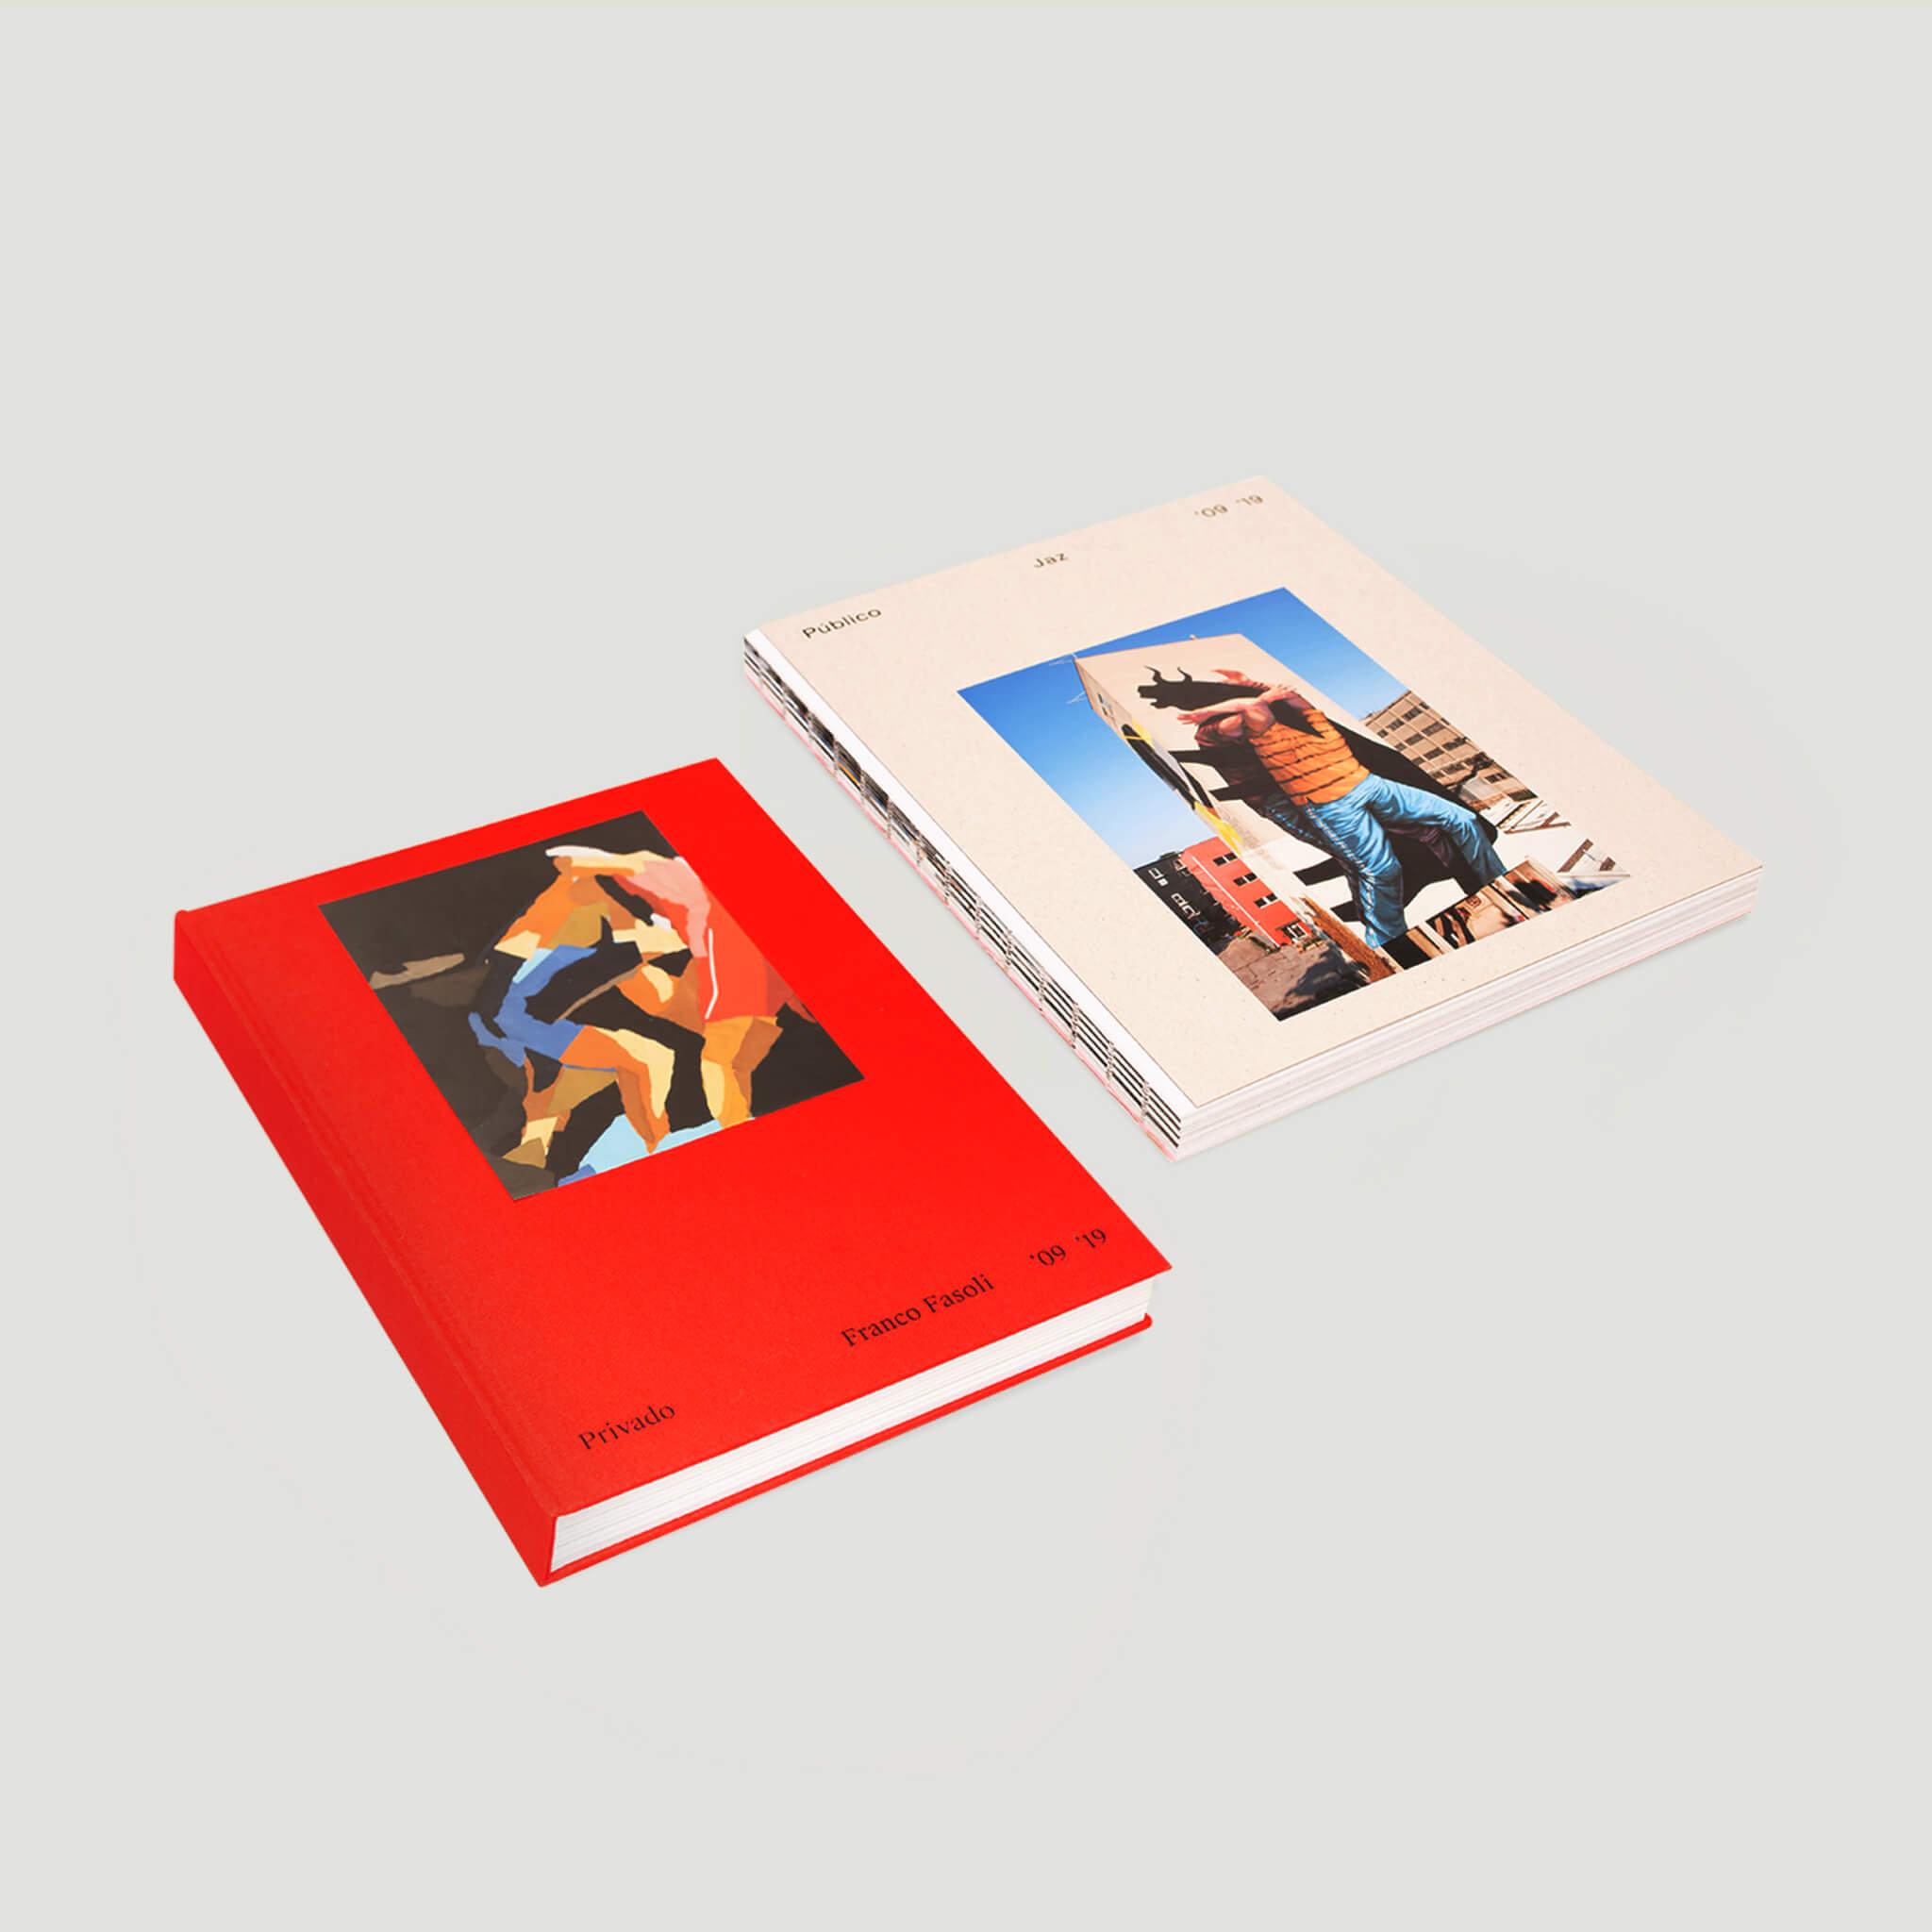 Franco Fasoli's new book